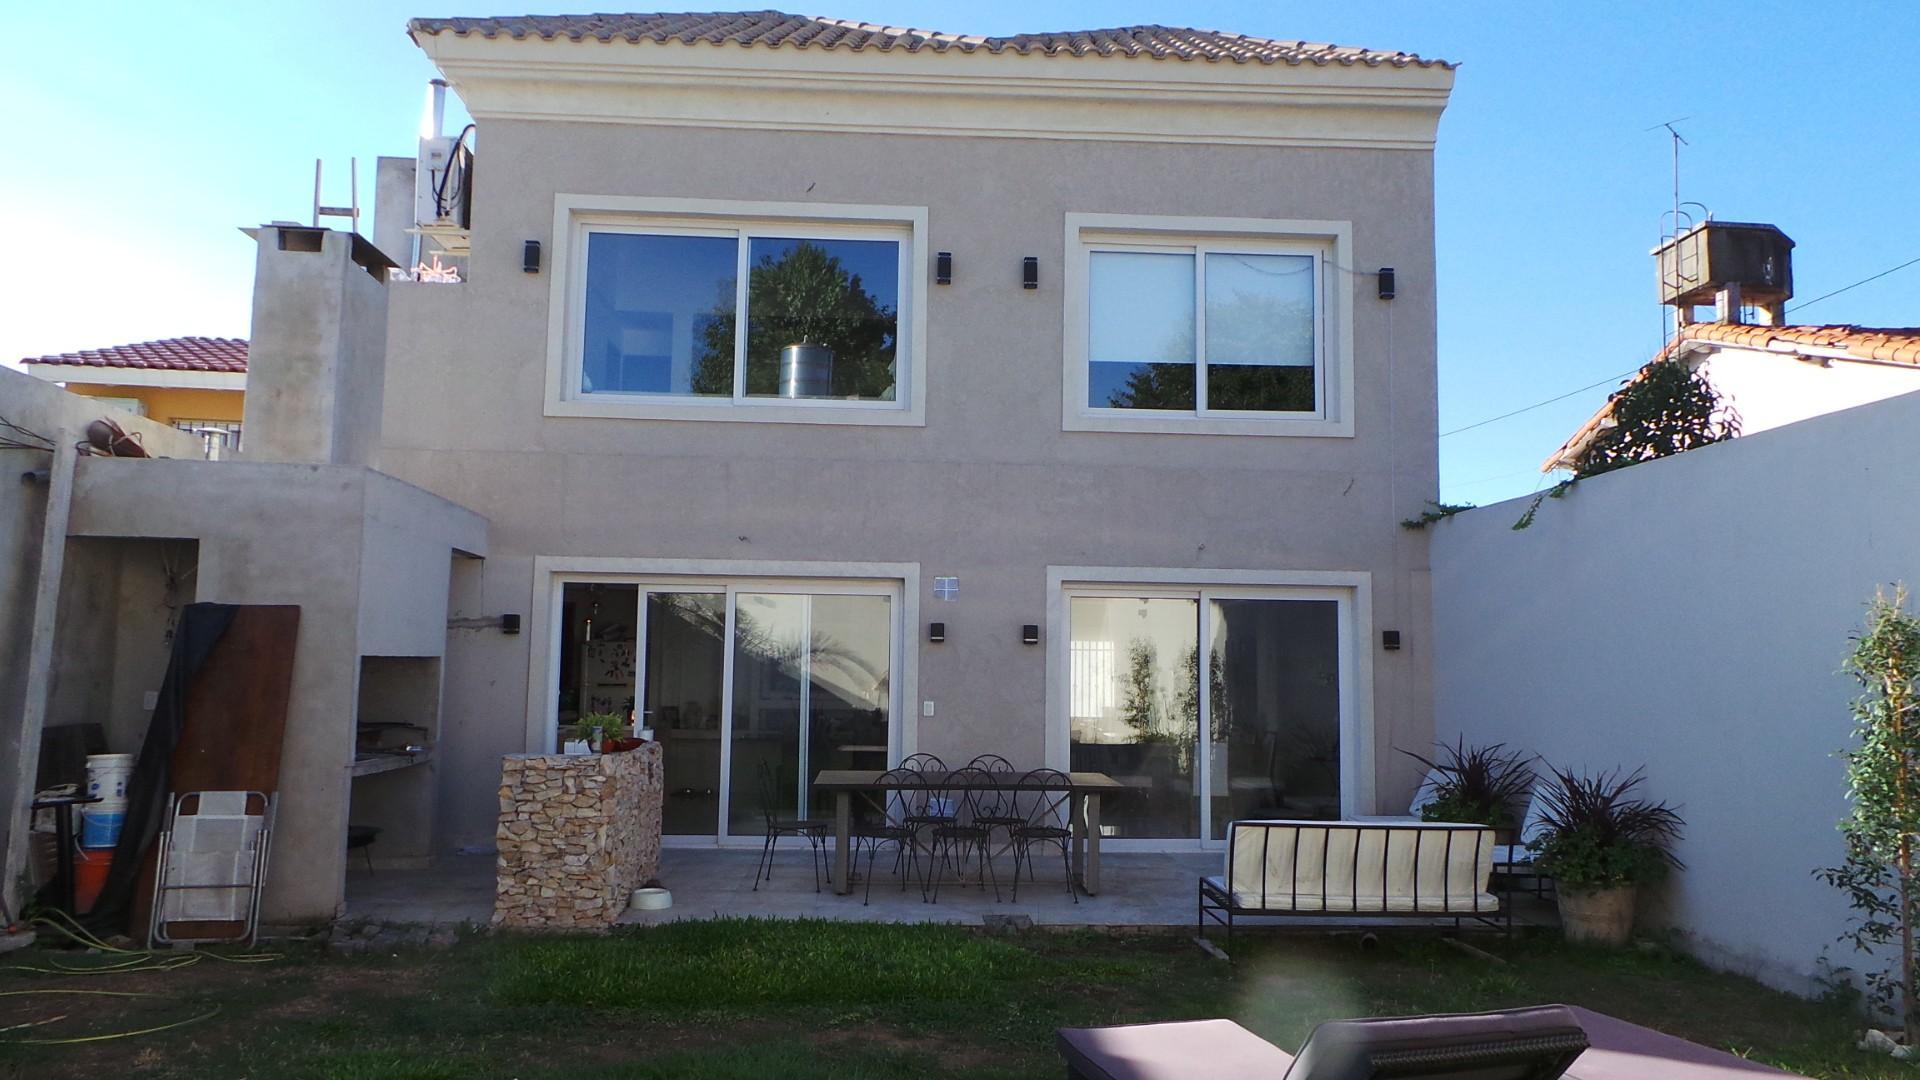 Preciosa Casa como nueva! En exclusivo Ba. Parque Saavedra - IMPECABLE!